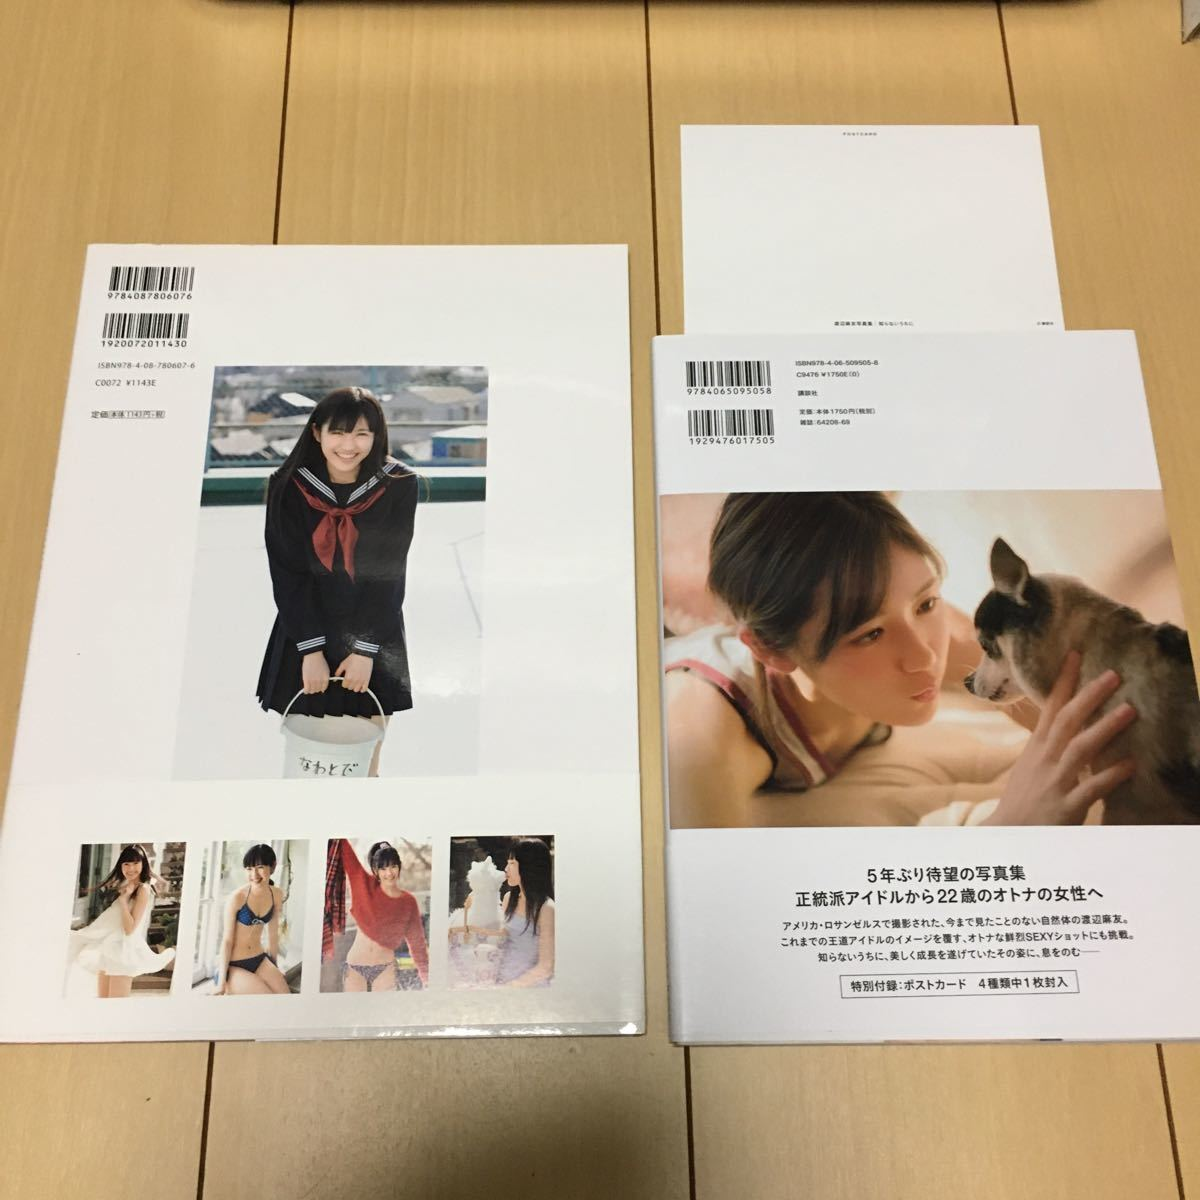 写真集 渡辺麻友 まゆゆ 知らないうちに 2冊セット ポストカード1枚